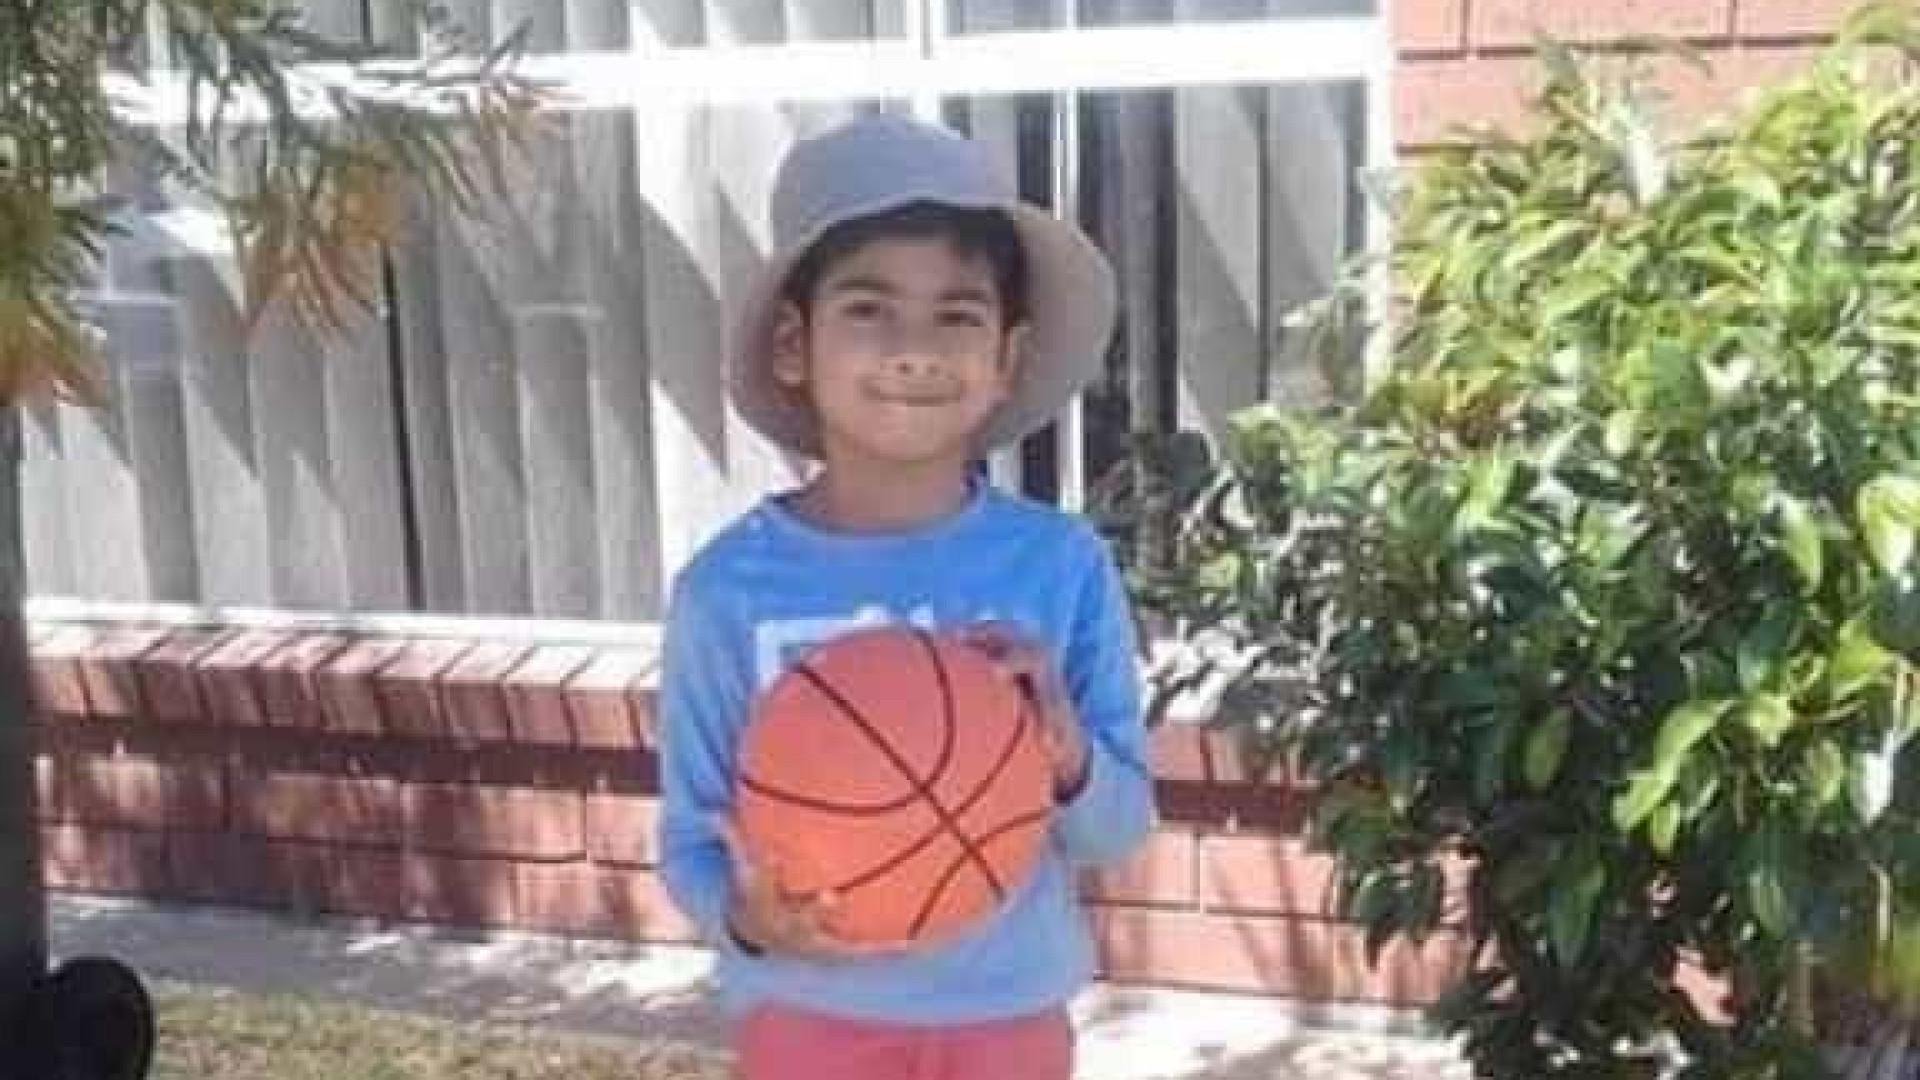 Menino nascido na Austrália pode ser deportado devido a deficiência